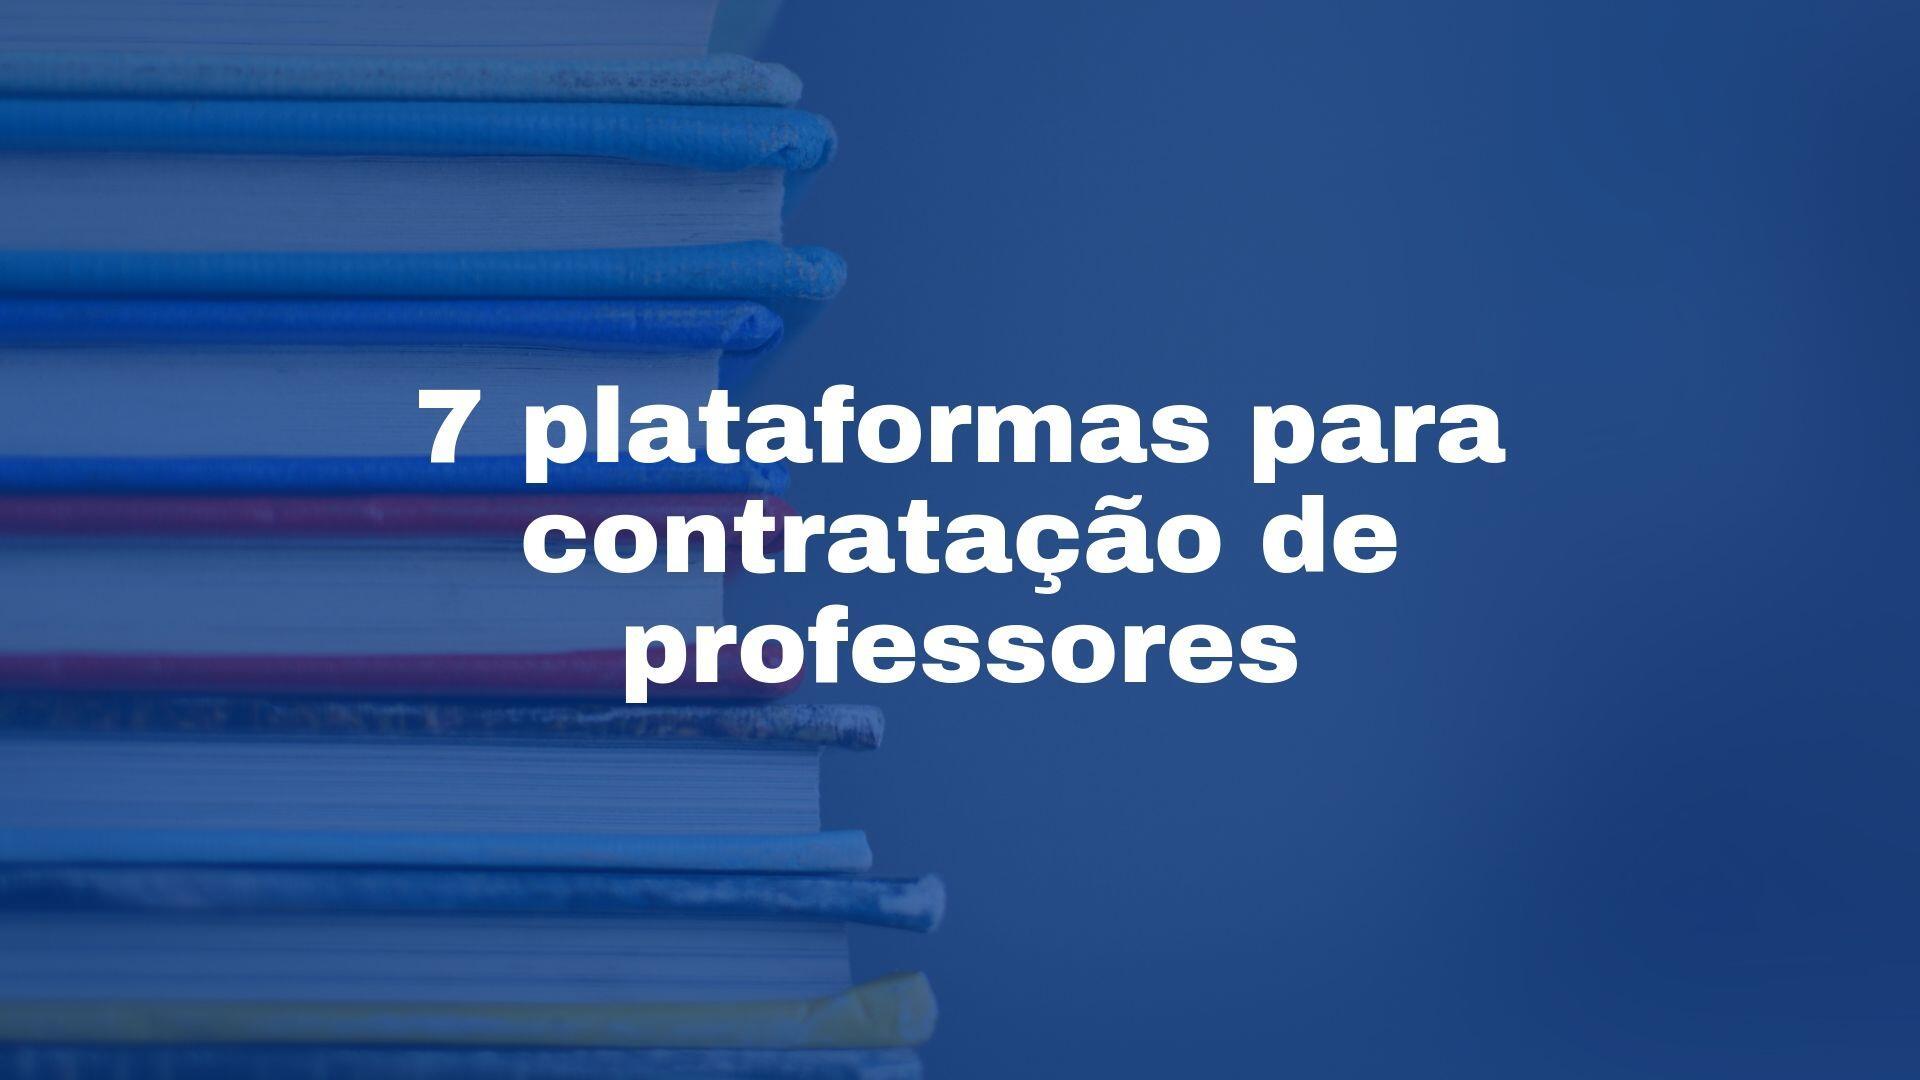 serviços contábeis escolas - plataformas contratação professores